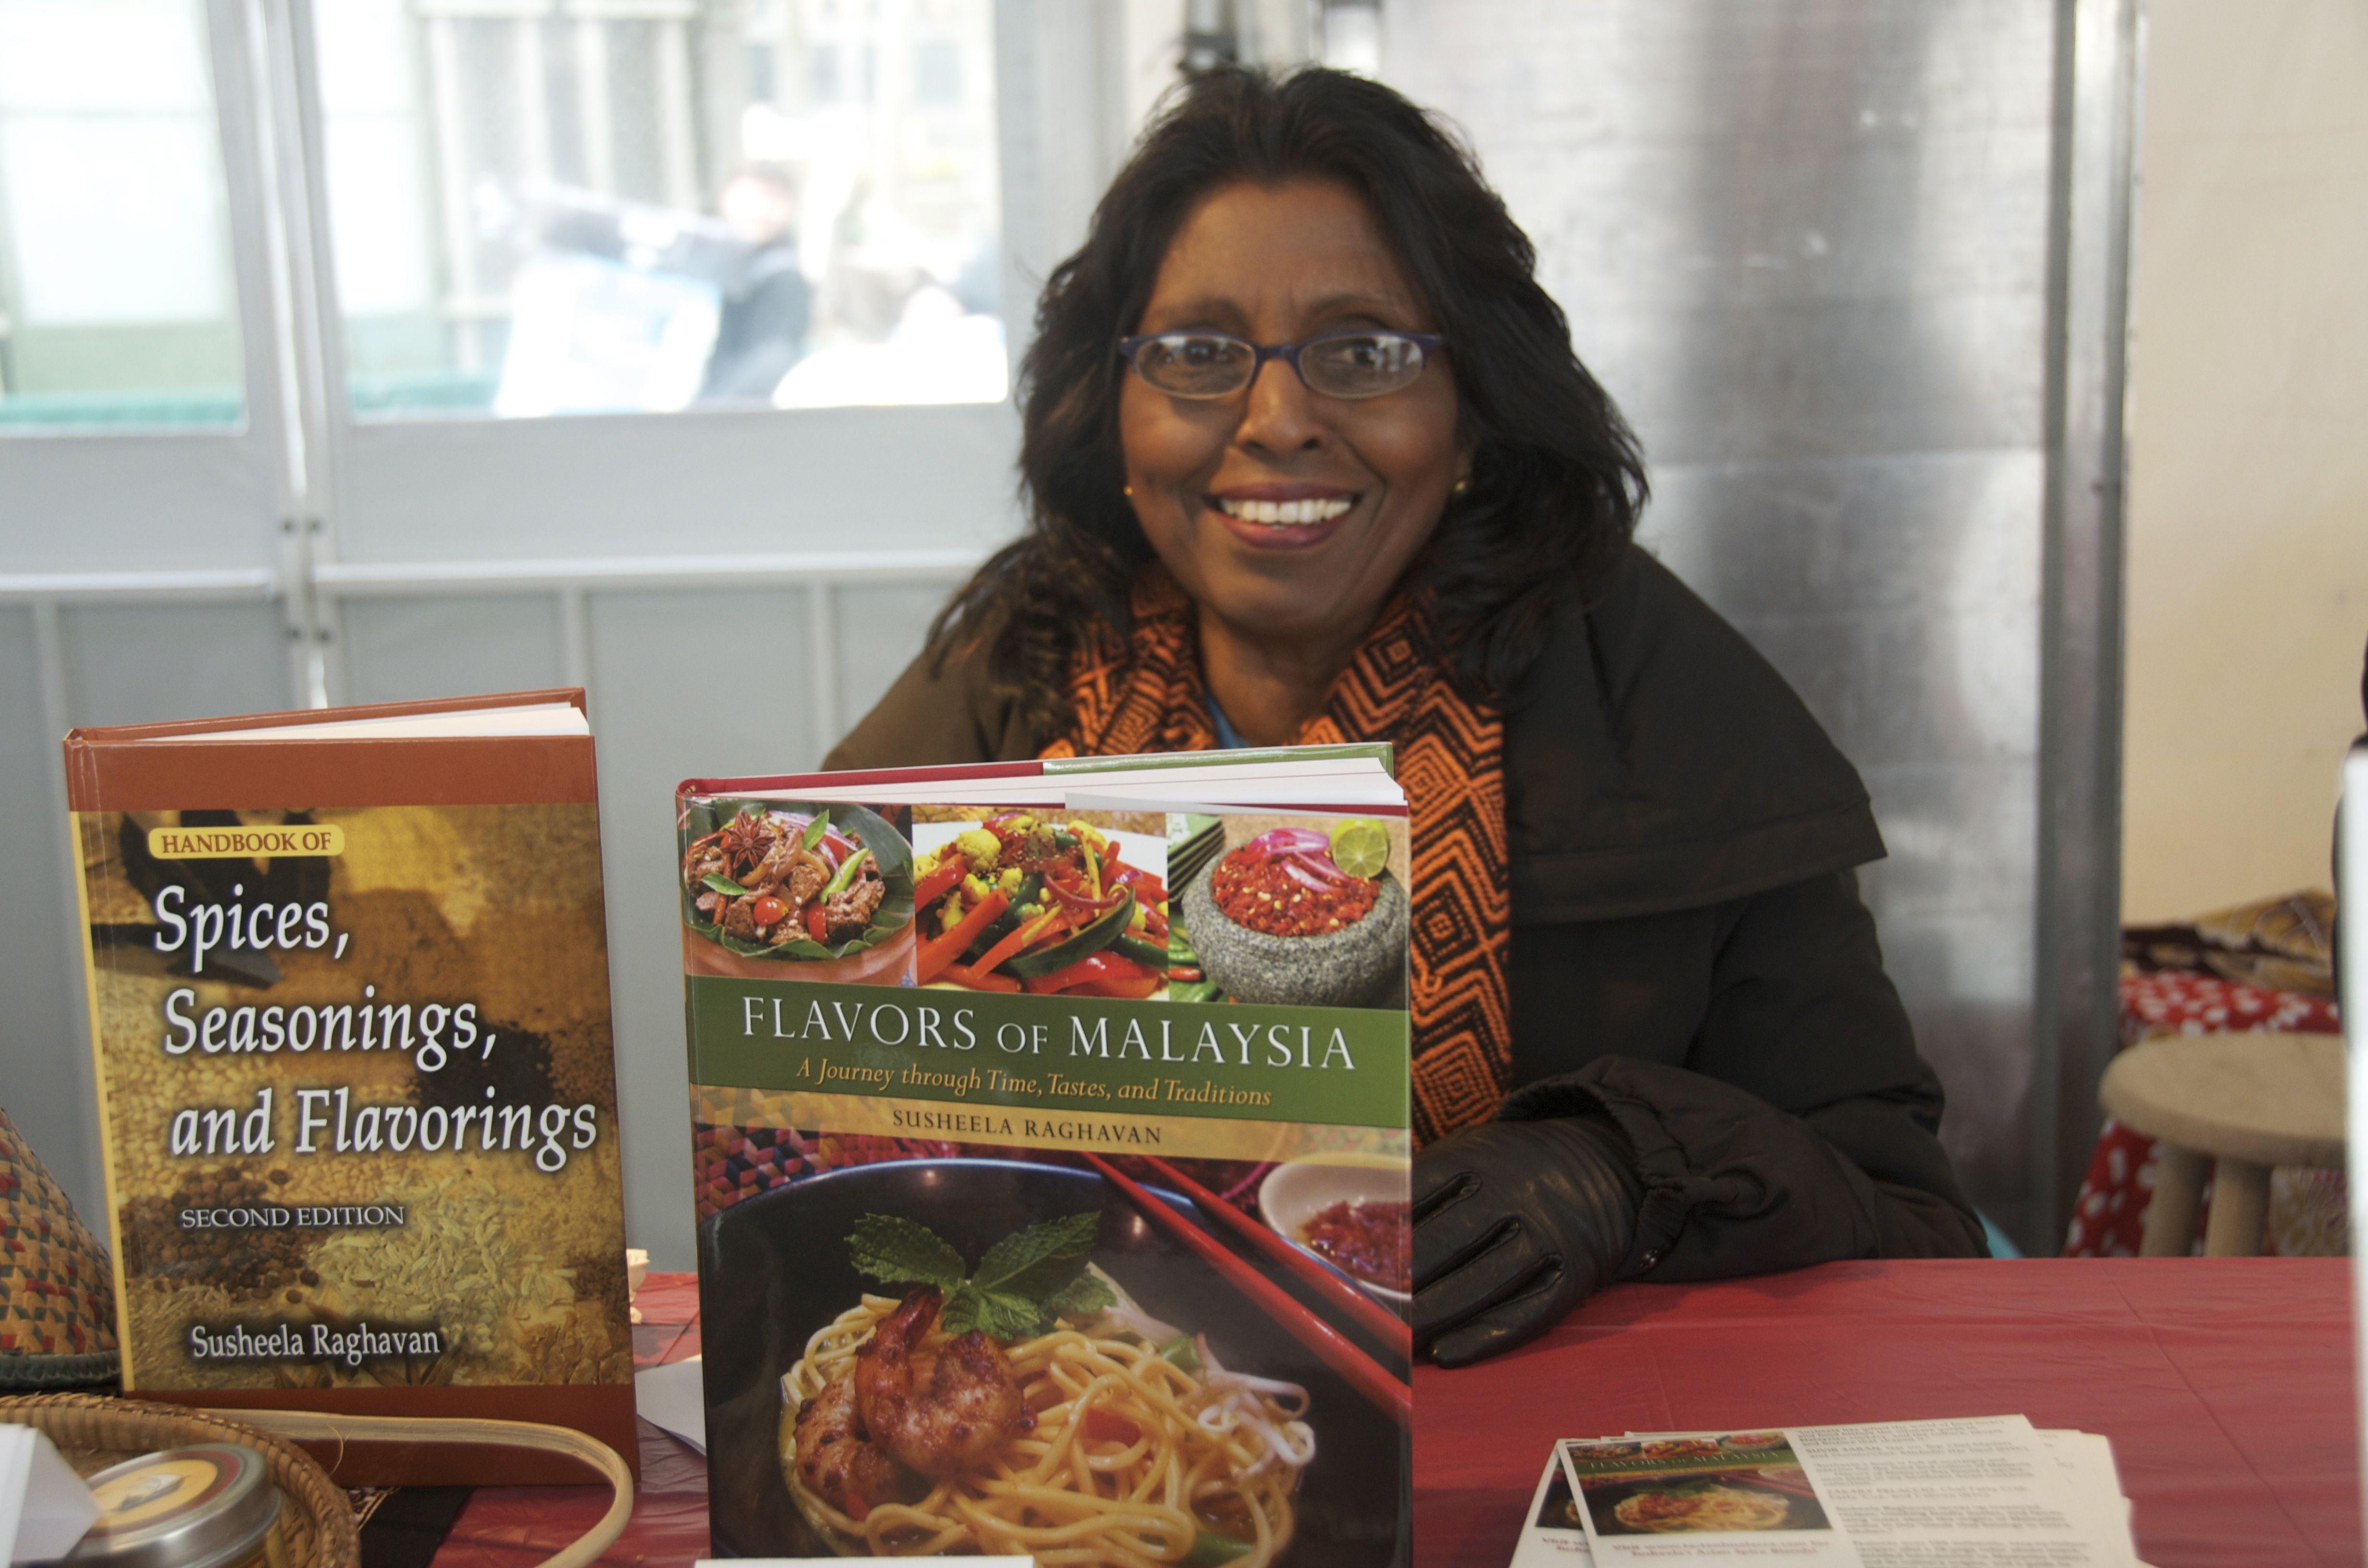 h andbook of spices seasonings and flavorings second edition raghavan susheela